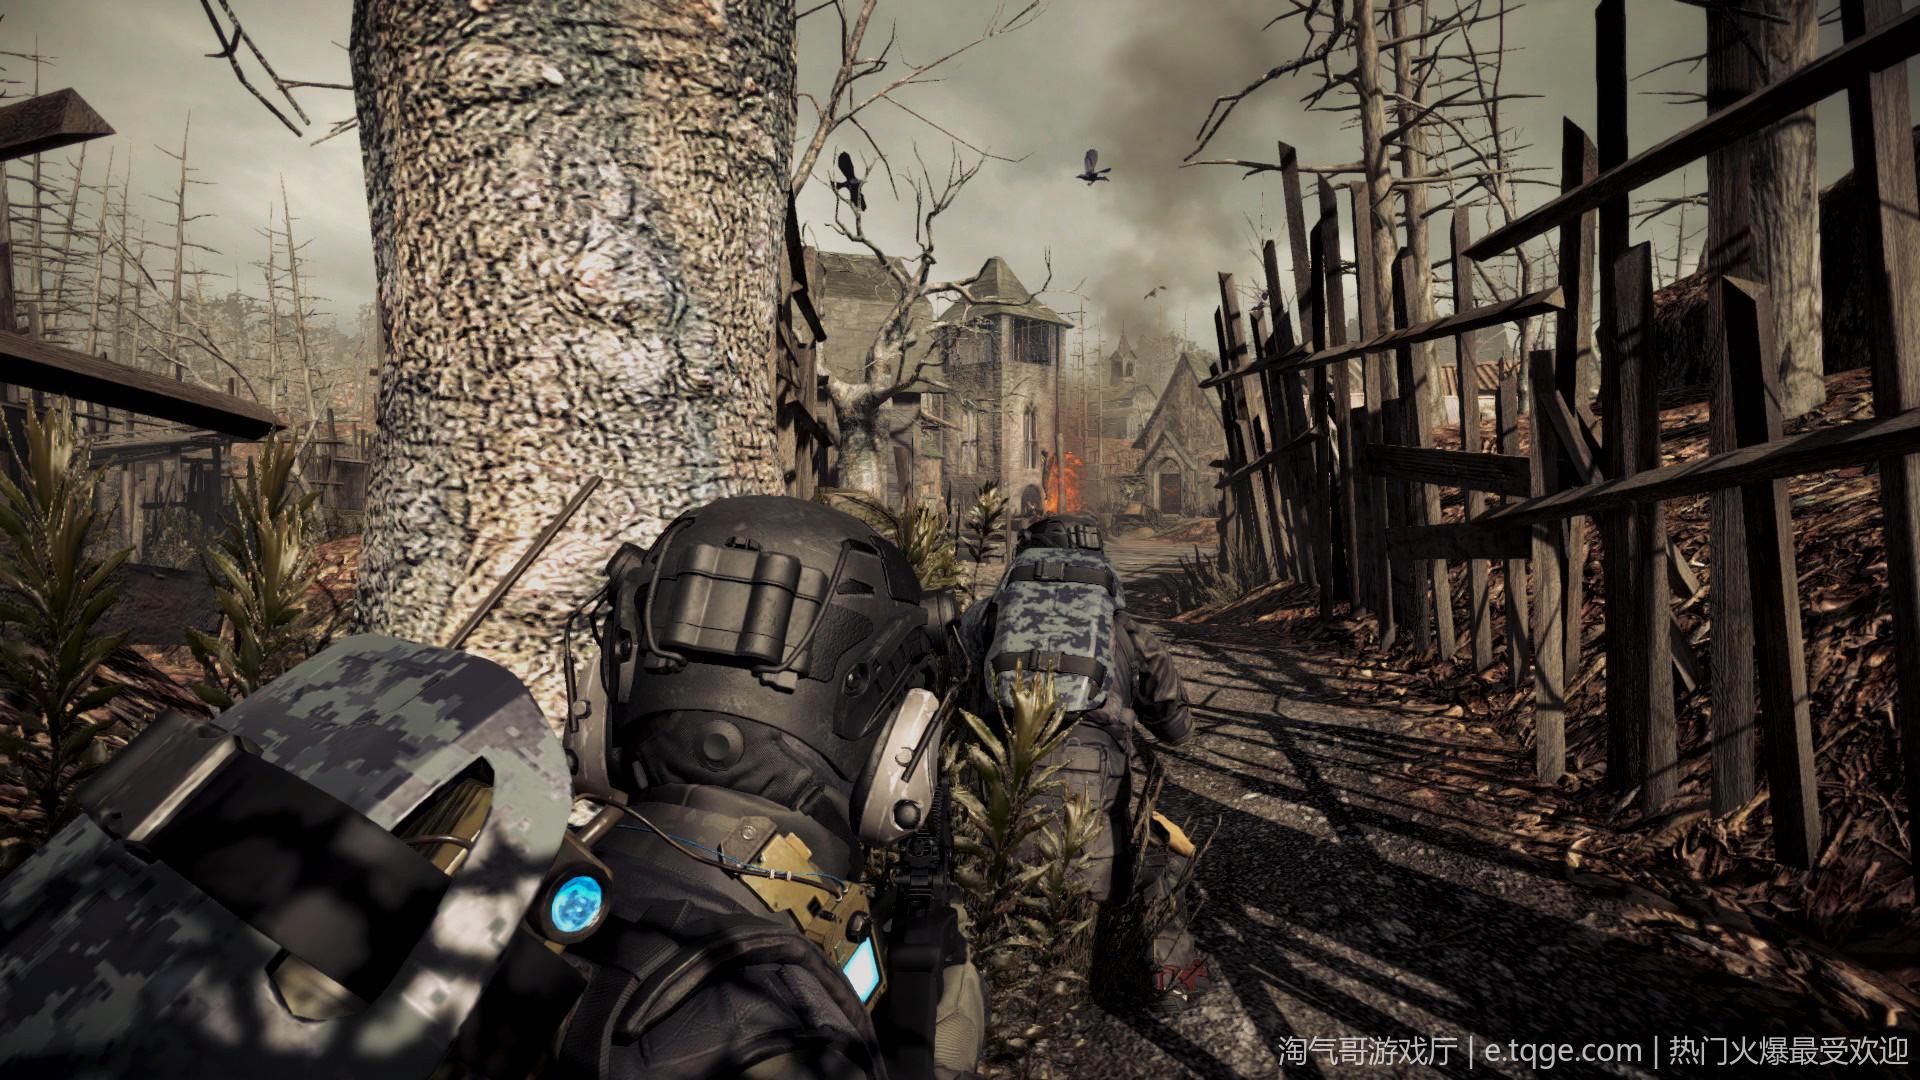 生化危机:保护伞小队/安布雷拉兵团 射击游戏 第4张